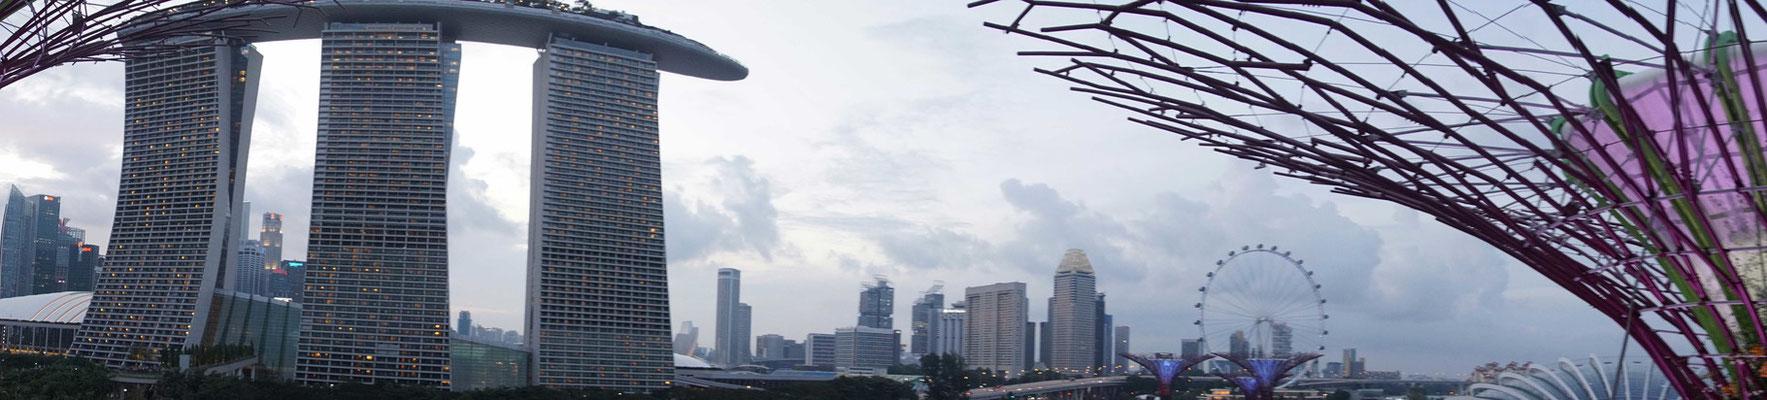 Singapur - Skyline - Downtown...